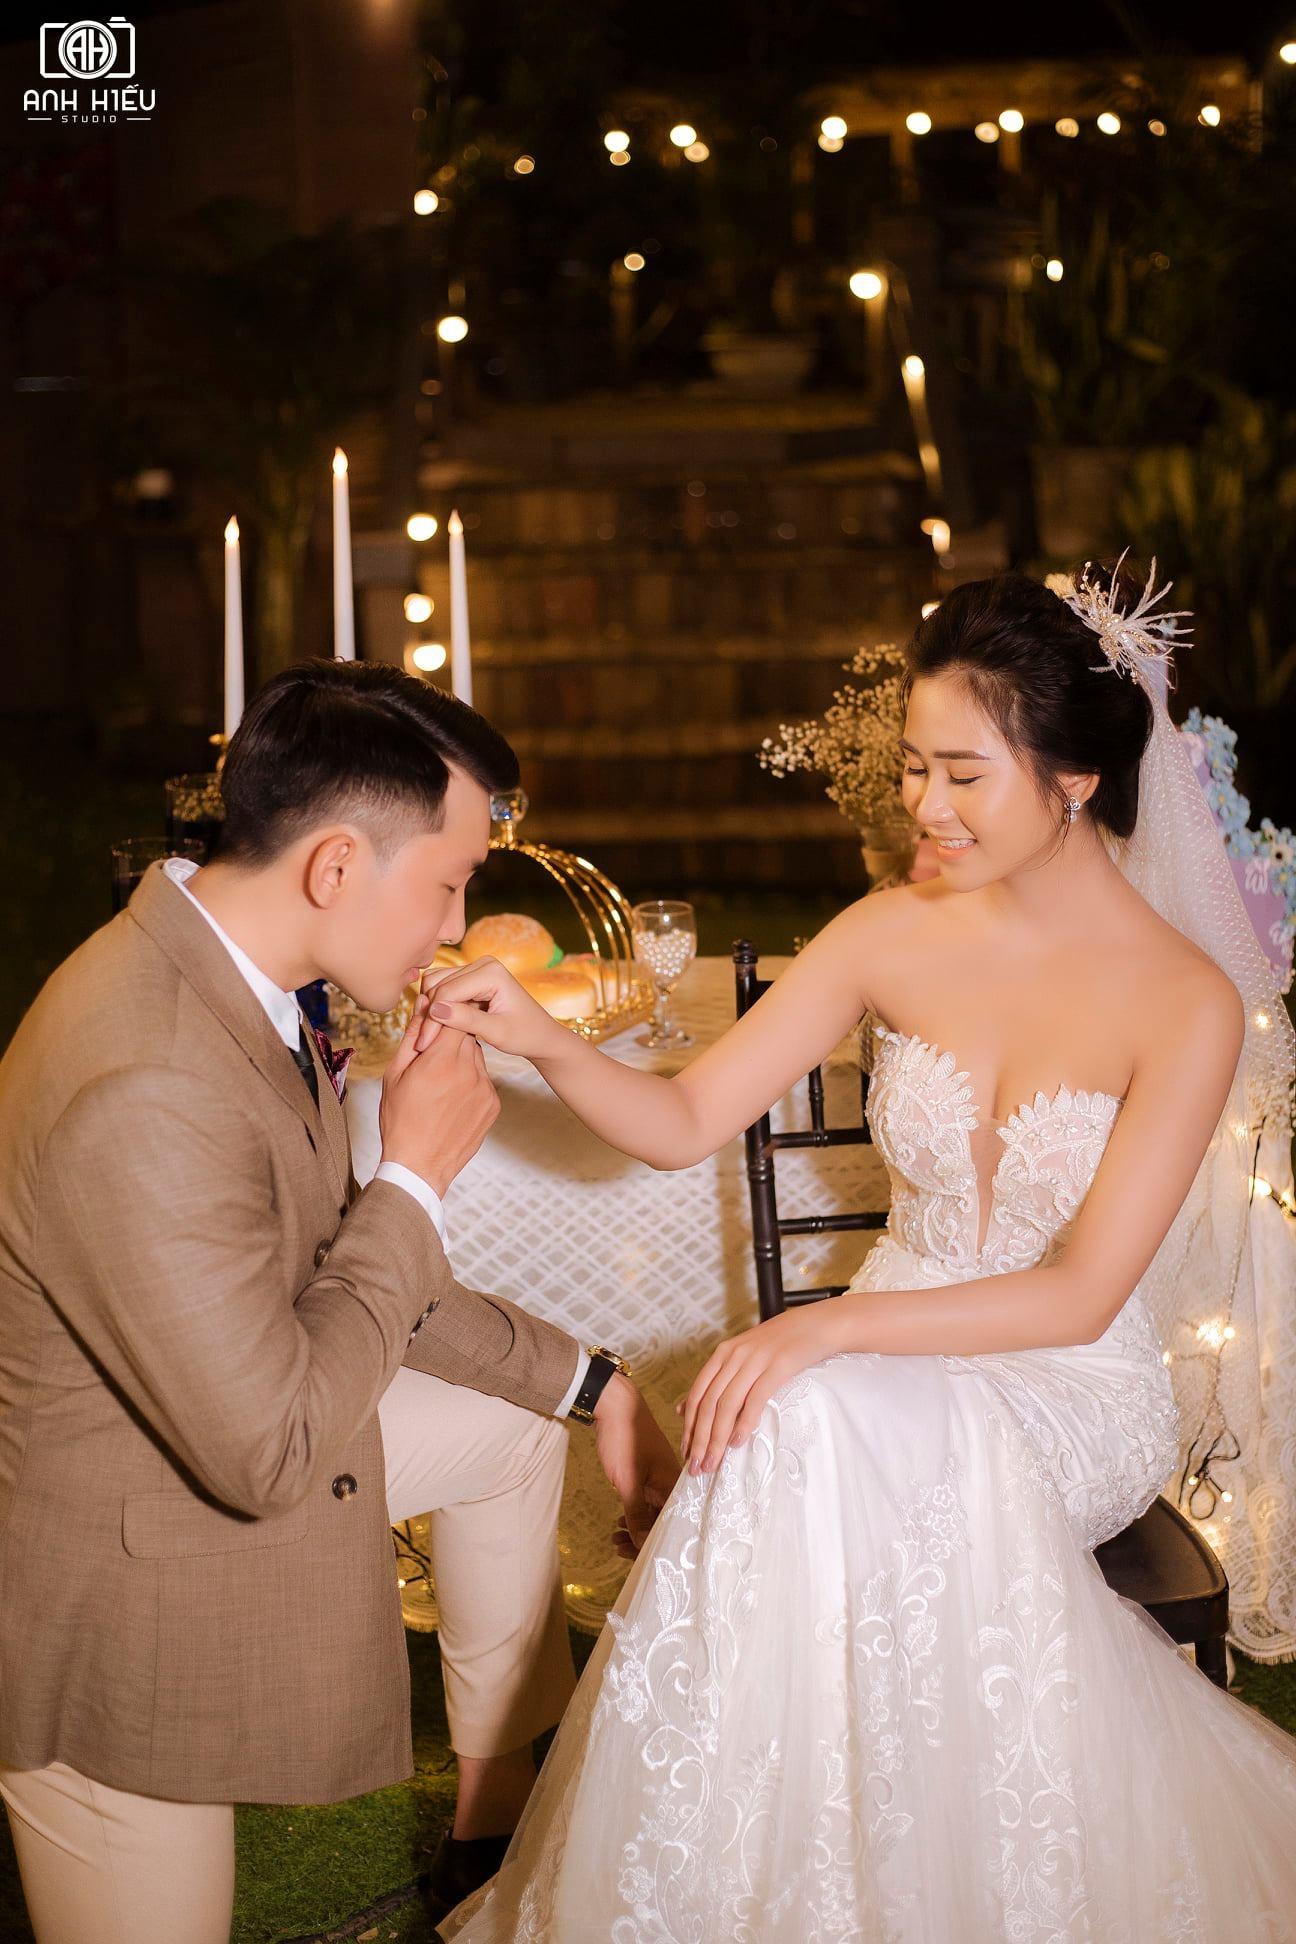 Hinh Cuoi Phim Truong Alibaba (9)